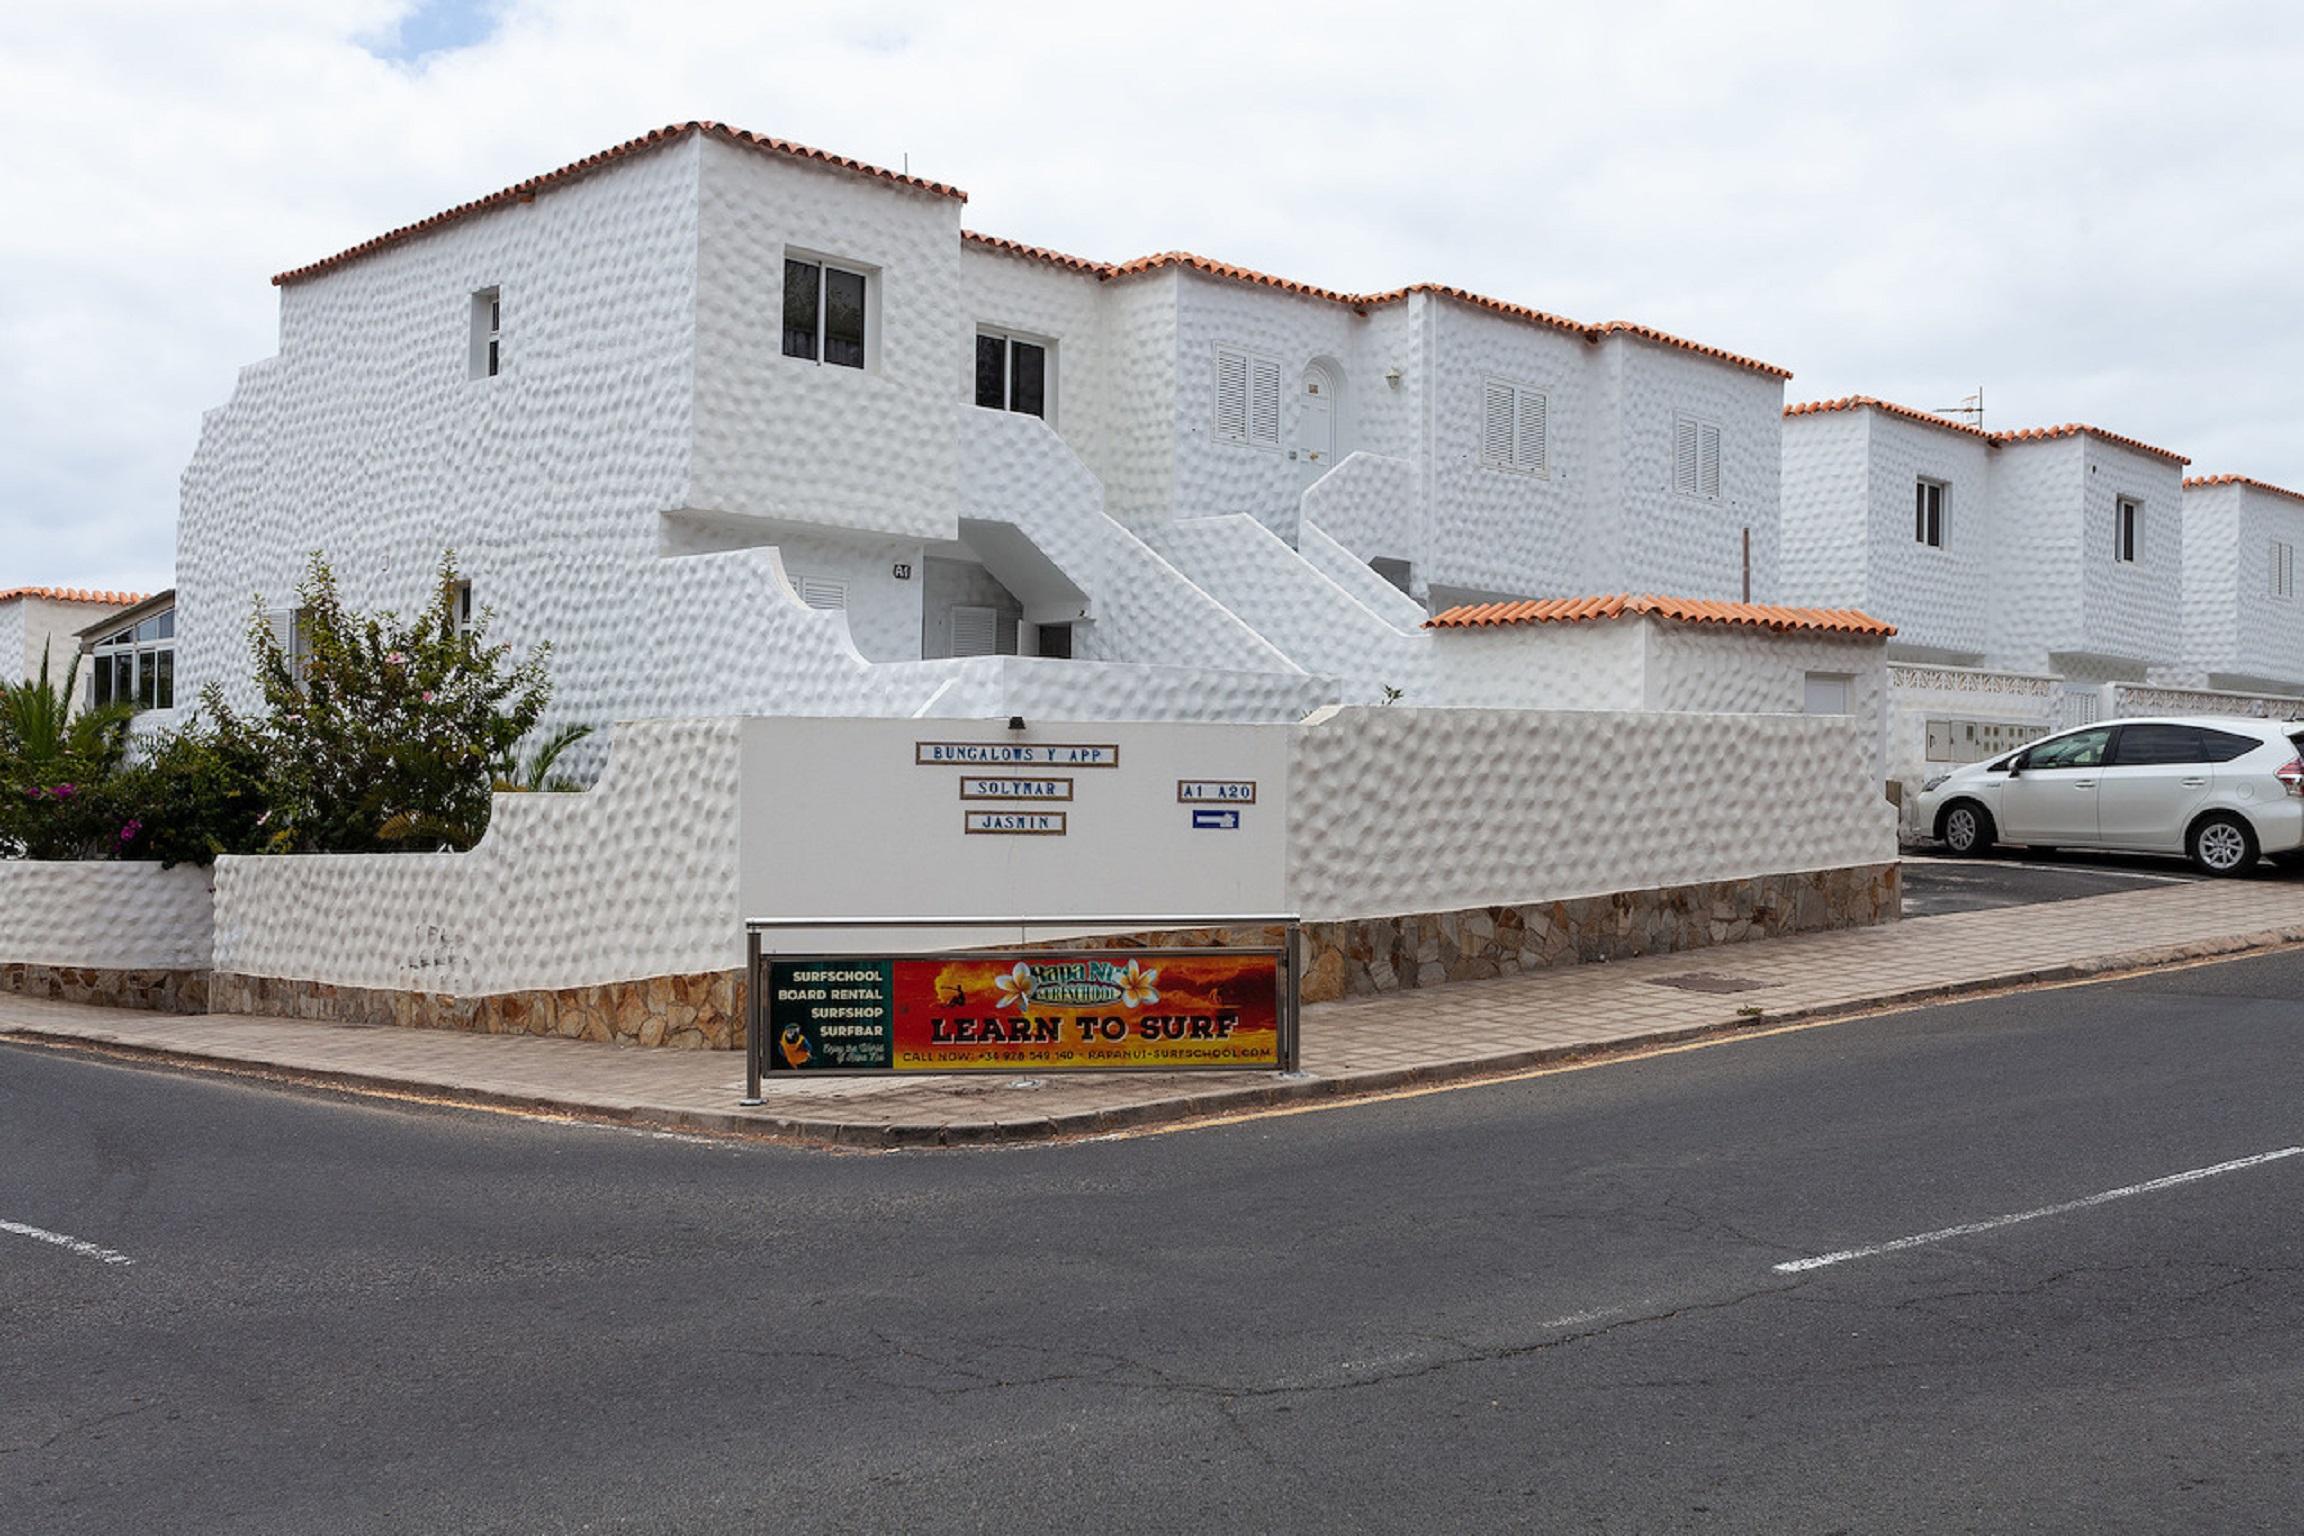 Ferienwohnung Apartment in Strandnhe mit groer Terrasse, Wlan und Parkplatz (2628896), Costa Calma, Fuerteventura, Kanarische Inseln, Spanien, Bild 25